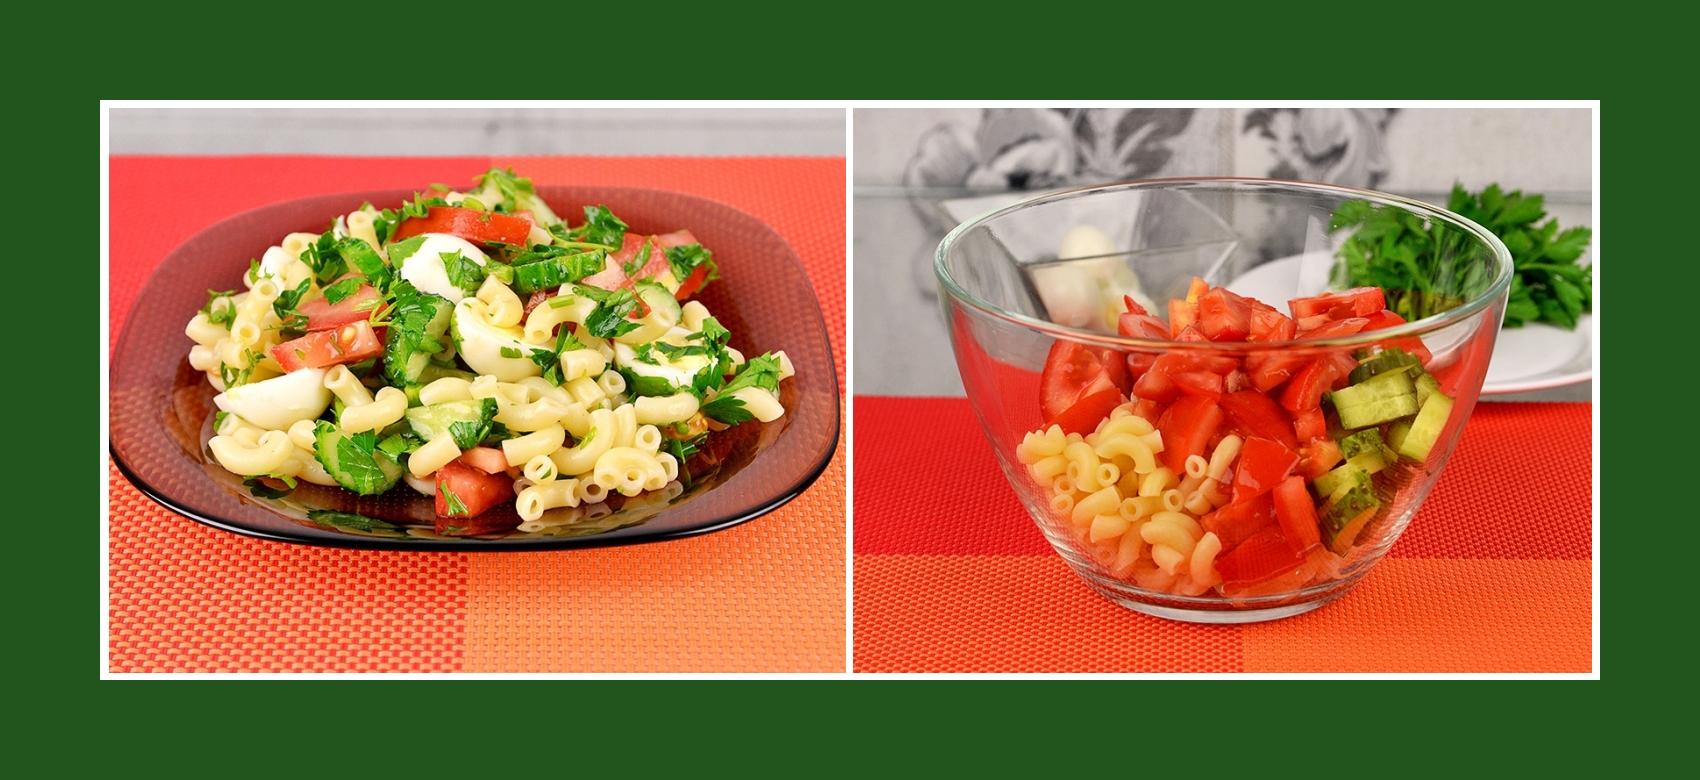 Salat aus Nudeln, frischen Gurken und Tomaten